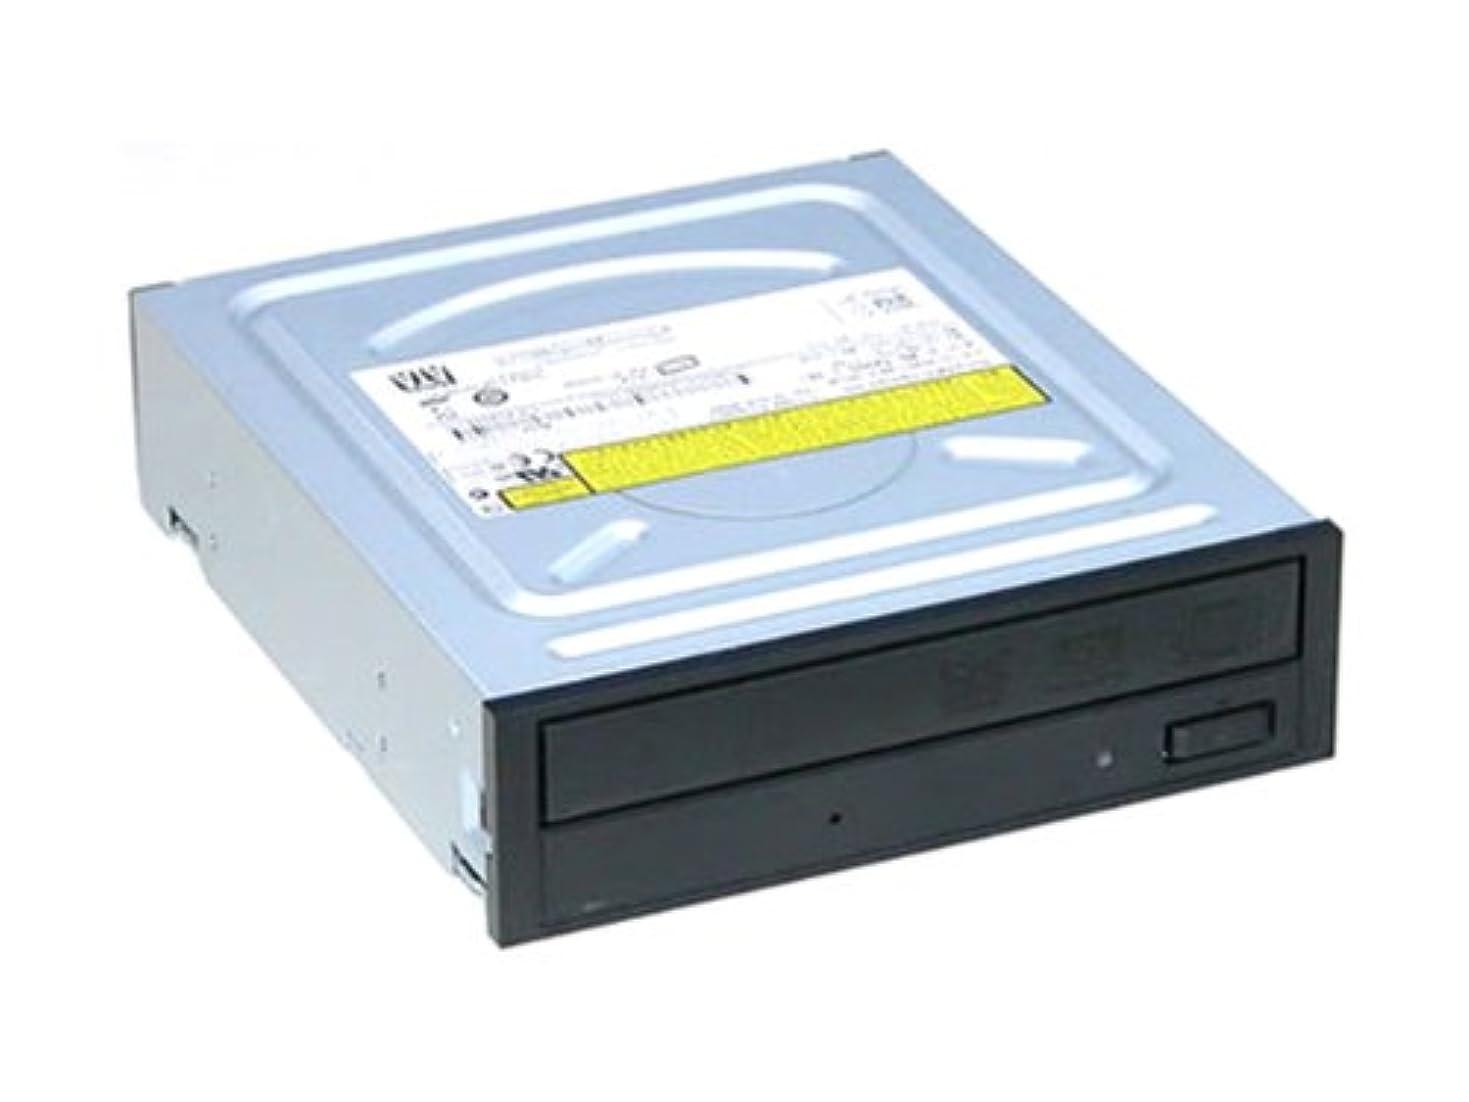 カストディアン建物船尾Dell 16 x DVDRW SATAドライブd417 C dw559 0dw559 Ad - 7200s